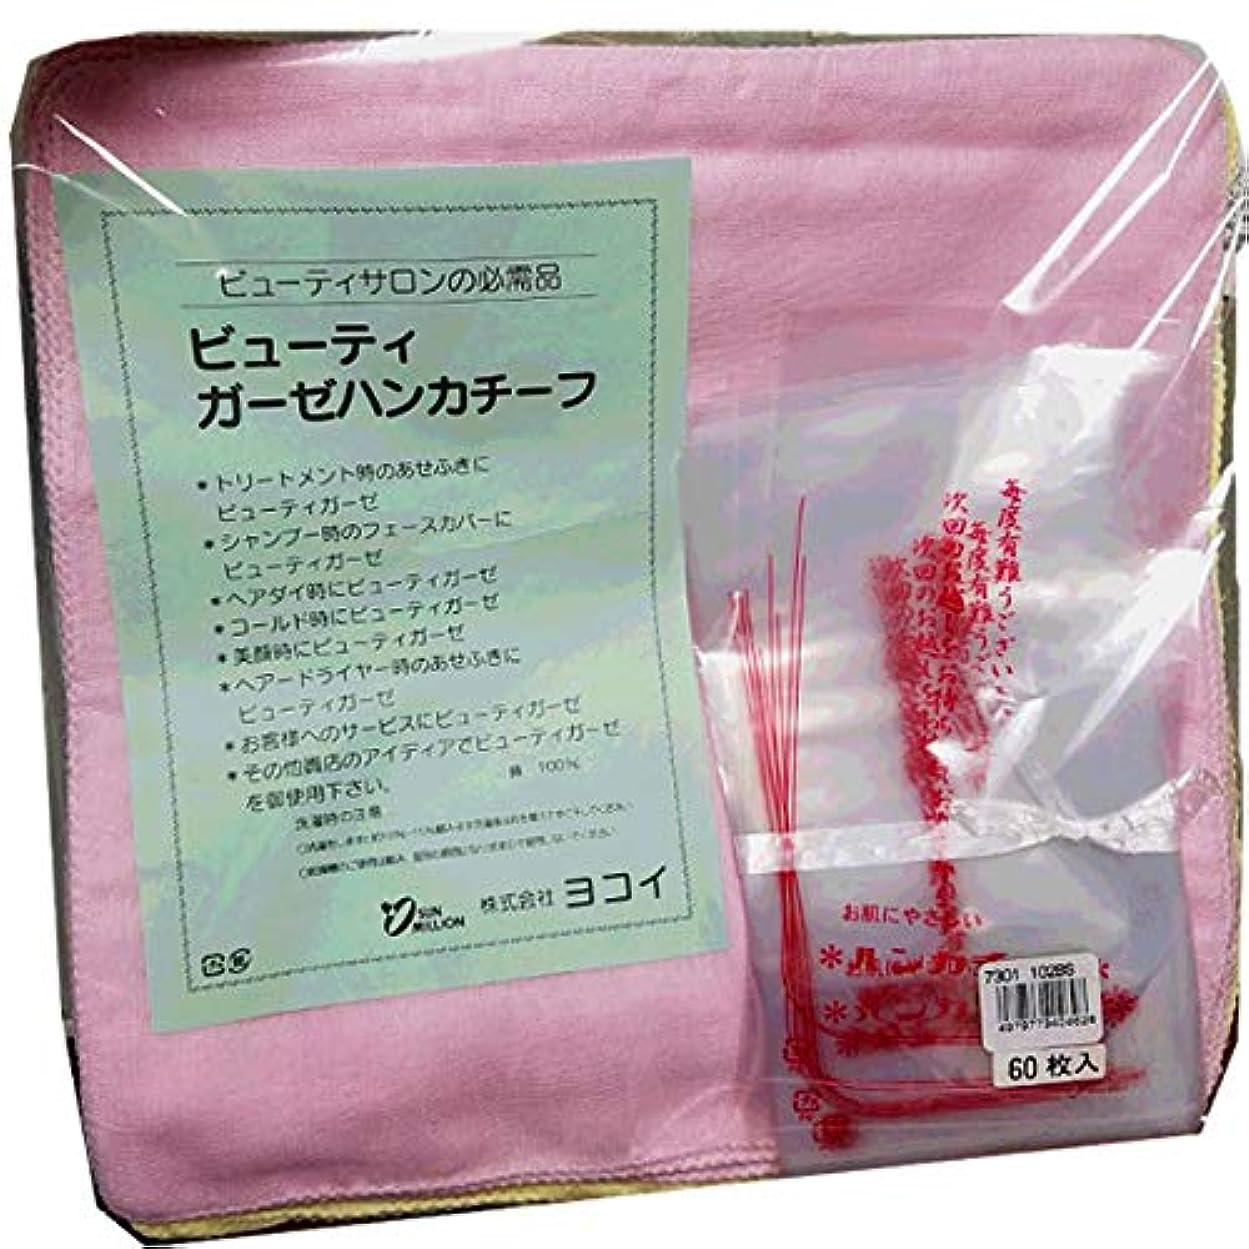 フレット印象的な明確なヨコイ フェイスガーゼ メロー 5ダース(60枚入) ピンク?ブルー?イエロー3色 131BS